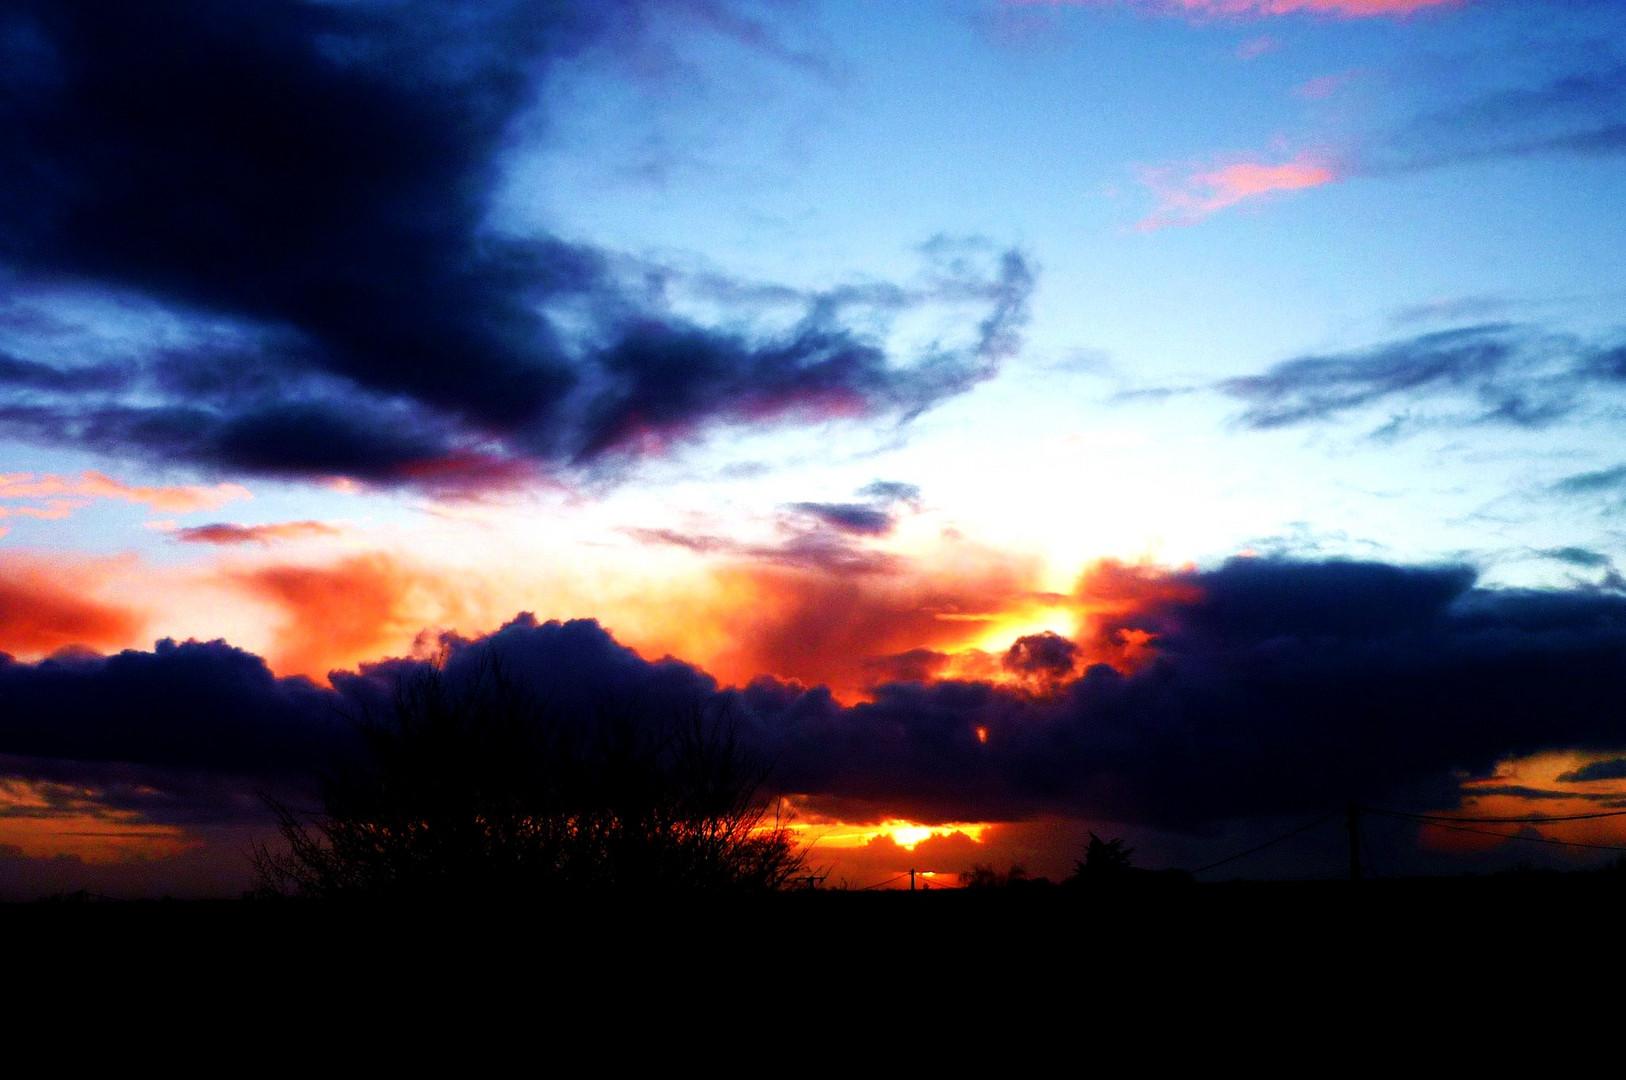 Merveilles du ciel